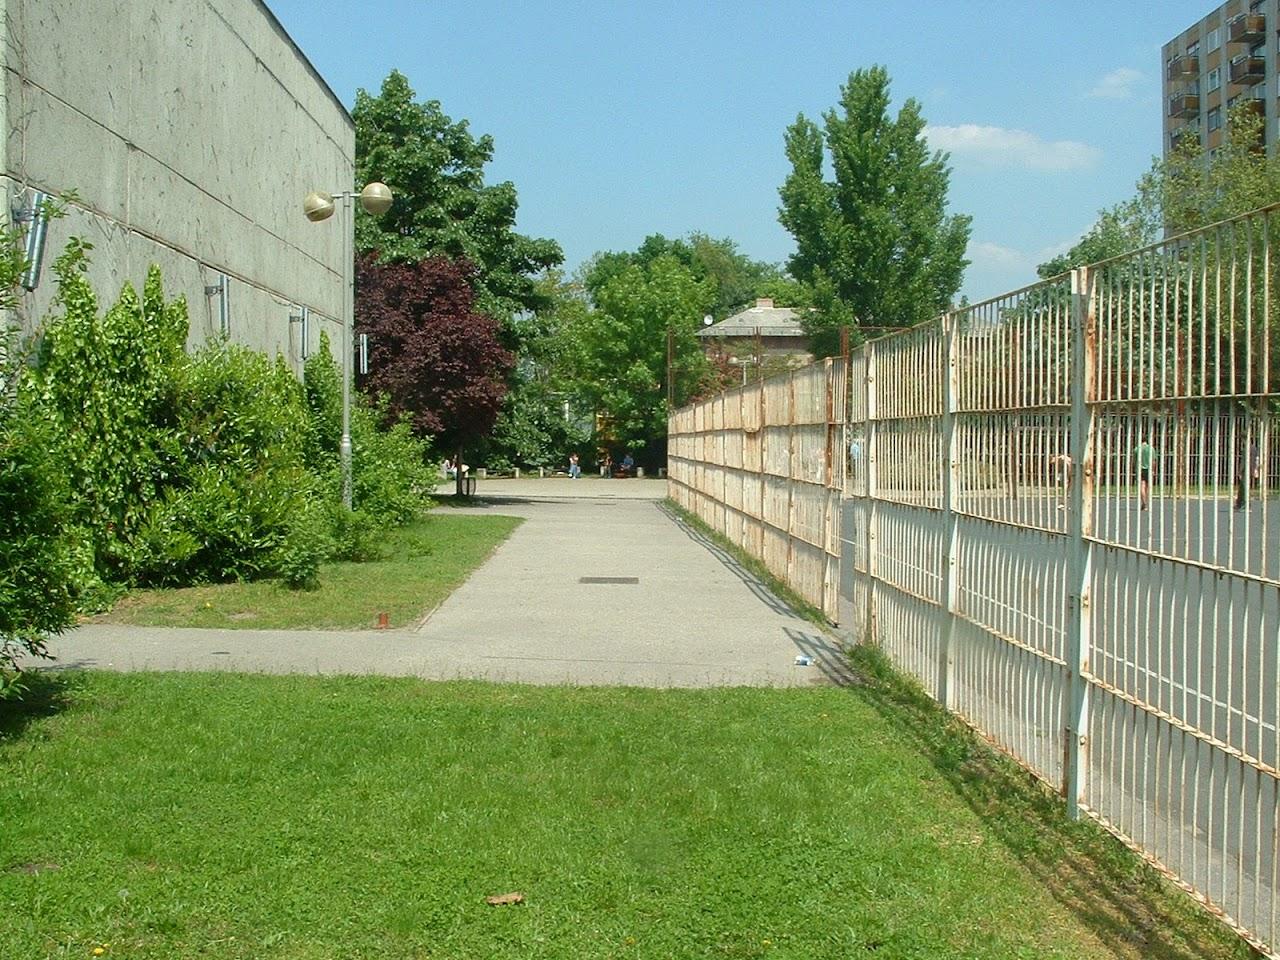 Képek az iskoláról - image022.jpg